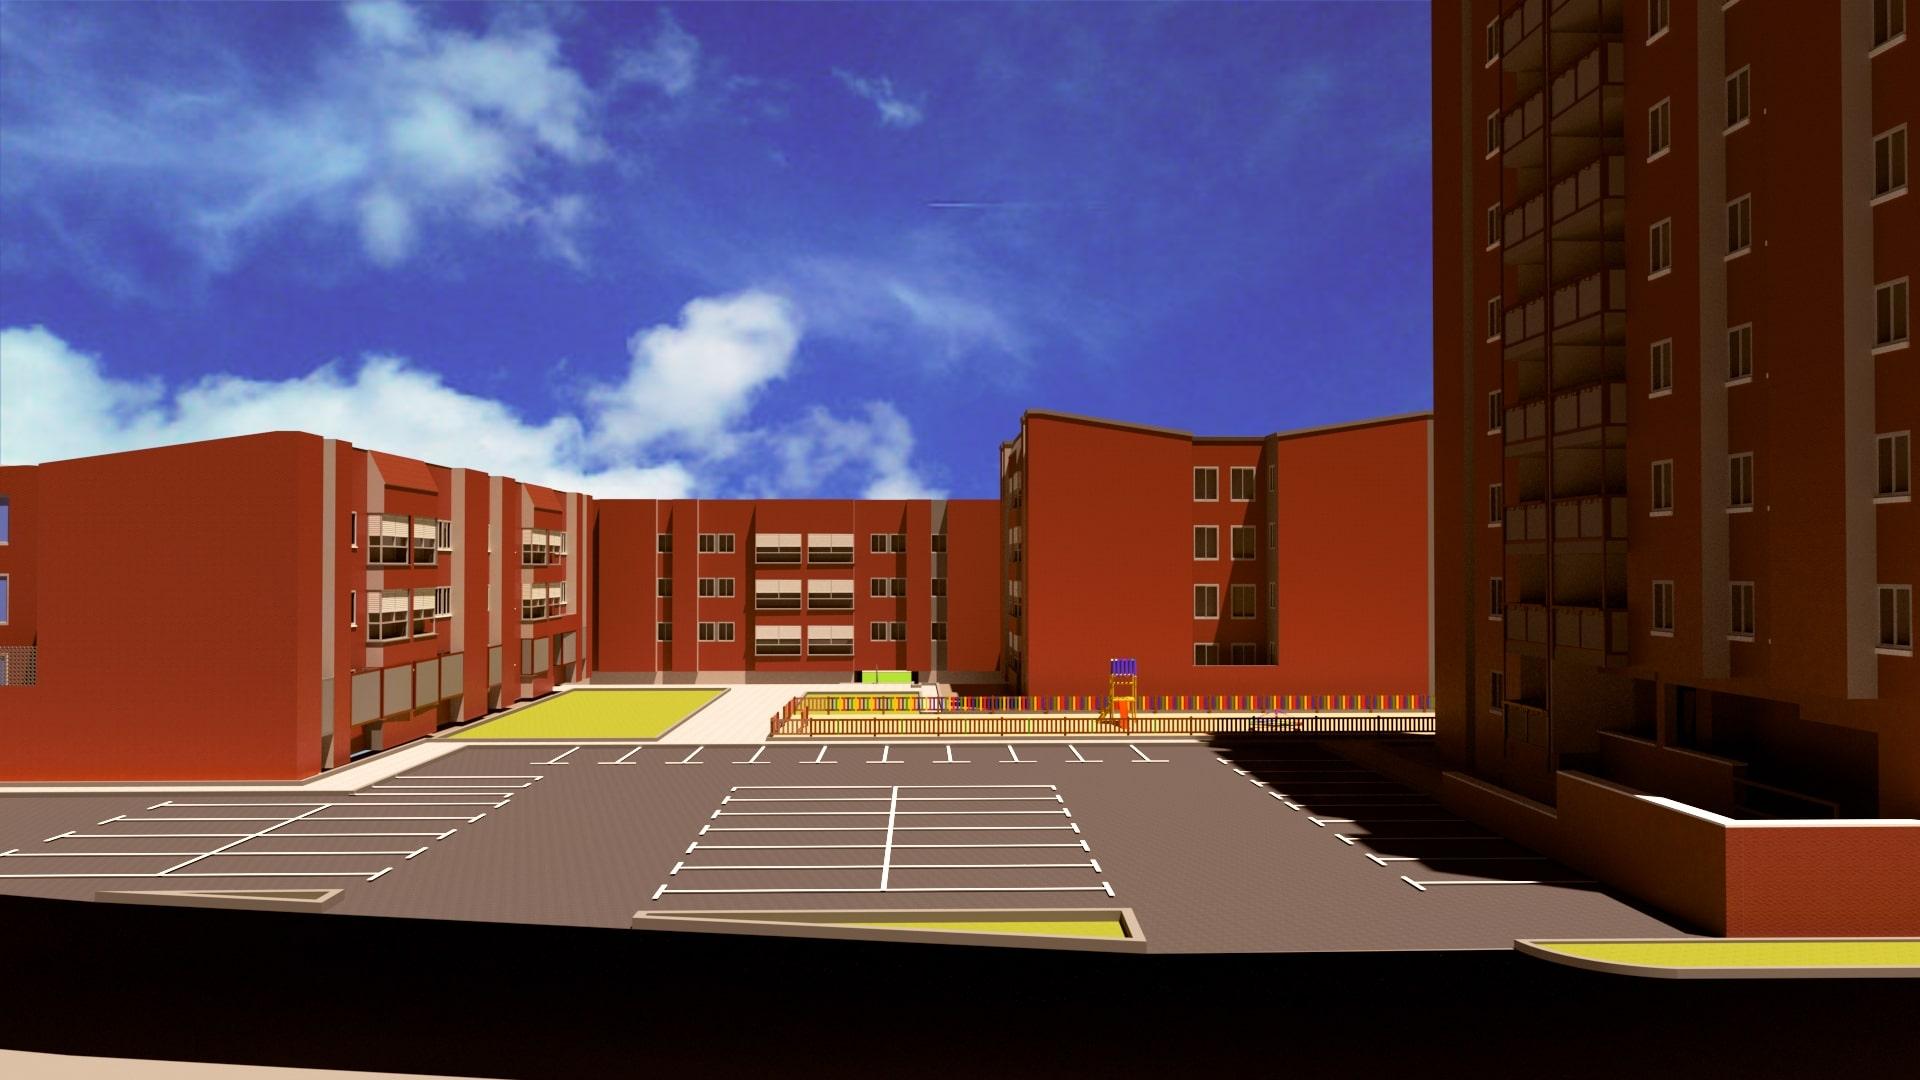 Simulación del aspecto del barrio con acabados en un color único (rojo)